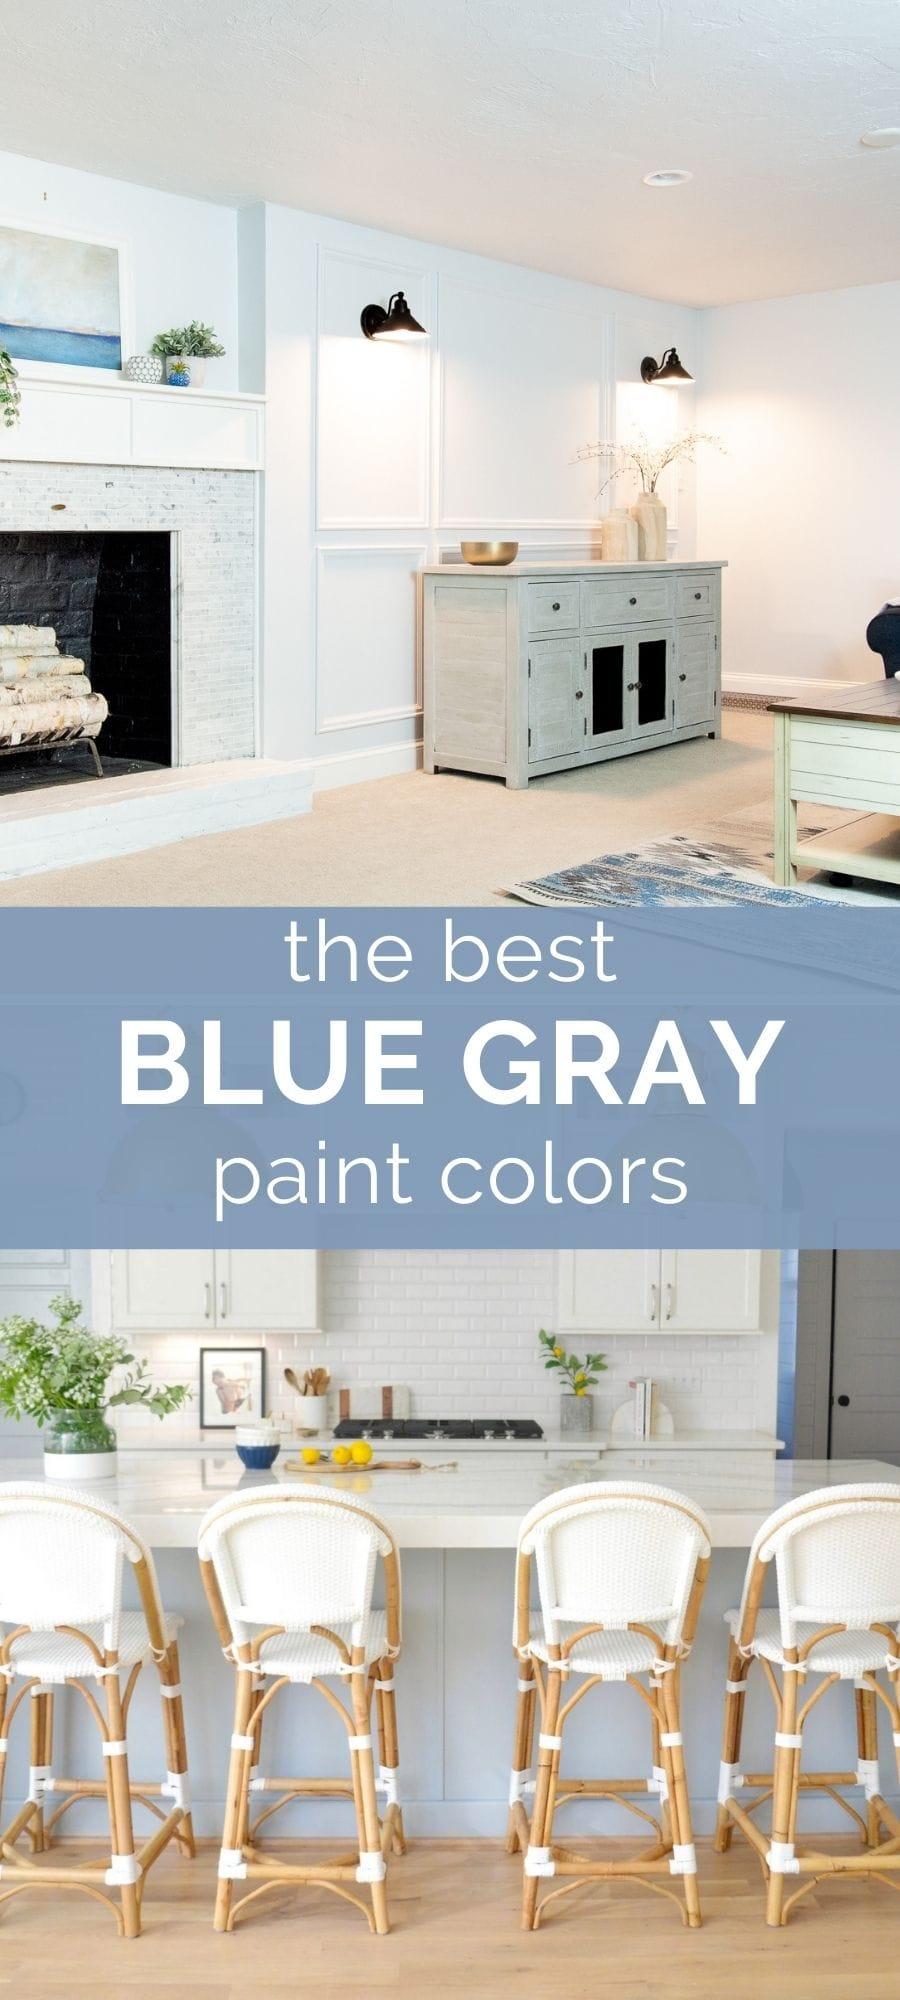 the best blue gray paint colors